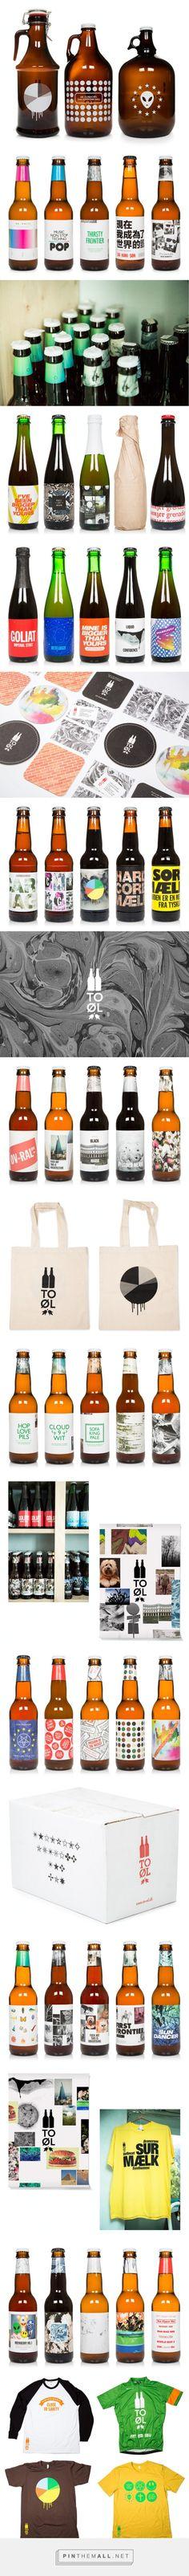 To Øl #beer designed by Kasper Ledet - http://www.packagingoftheworld.com/2015/03/to-l.html